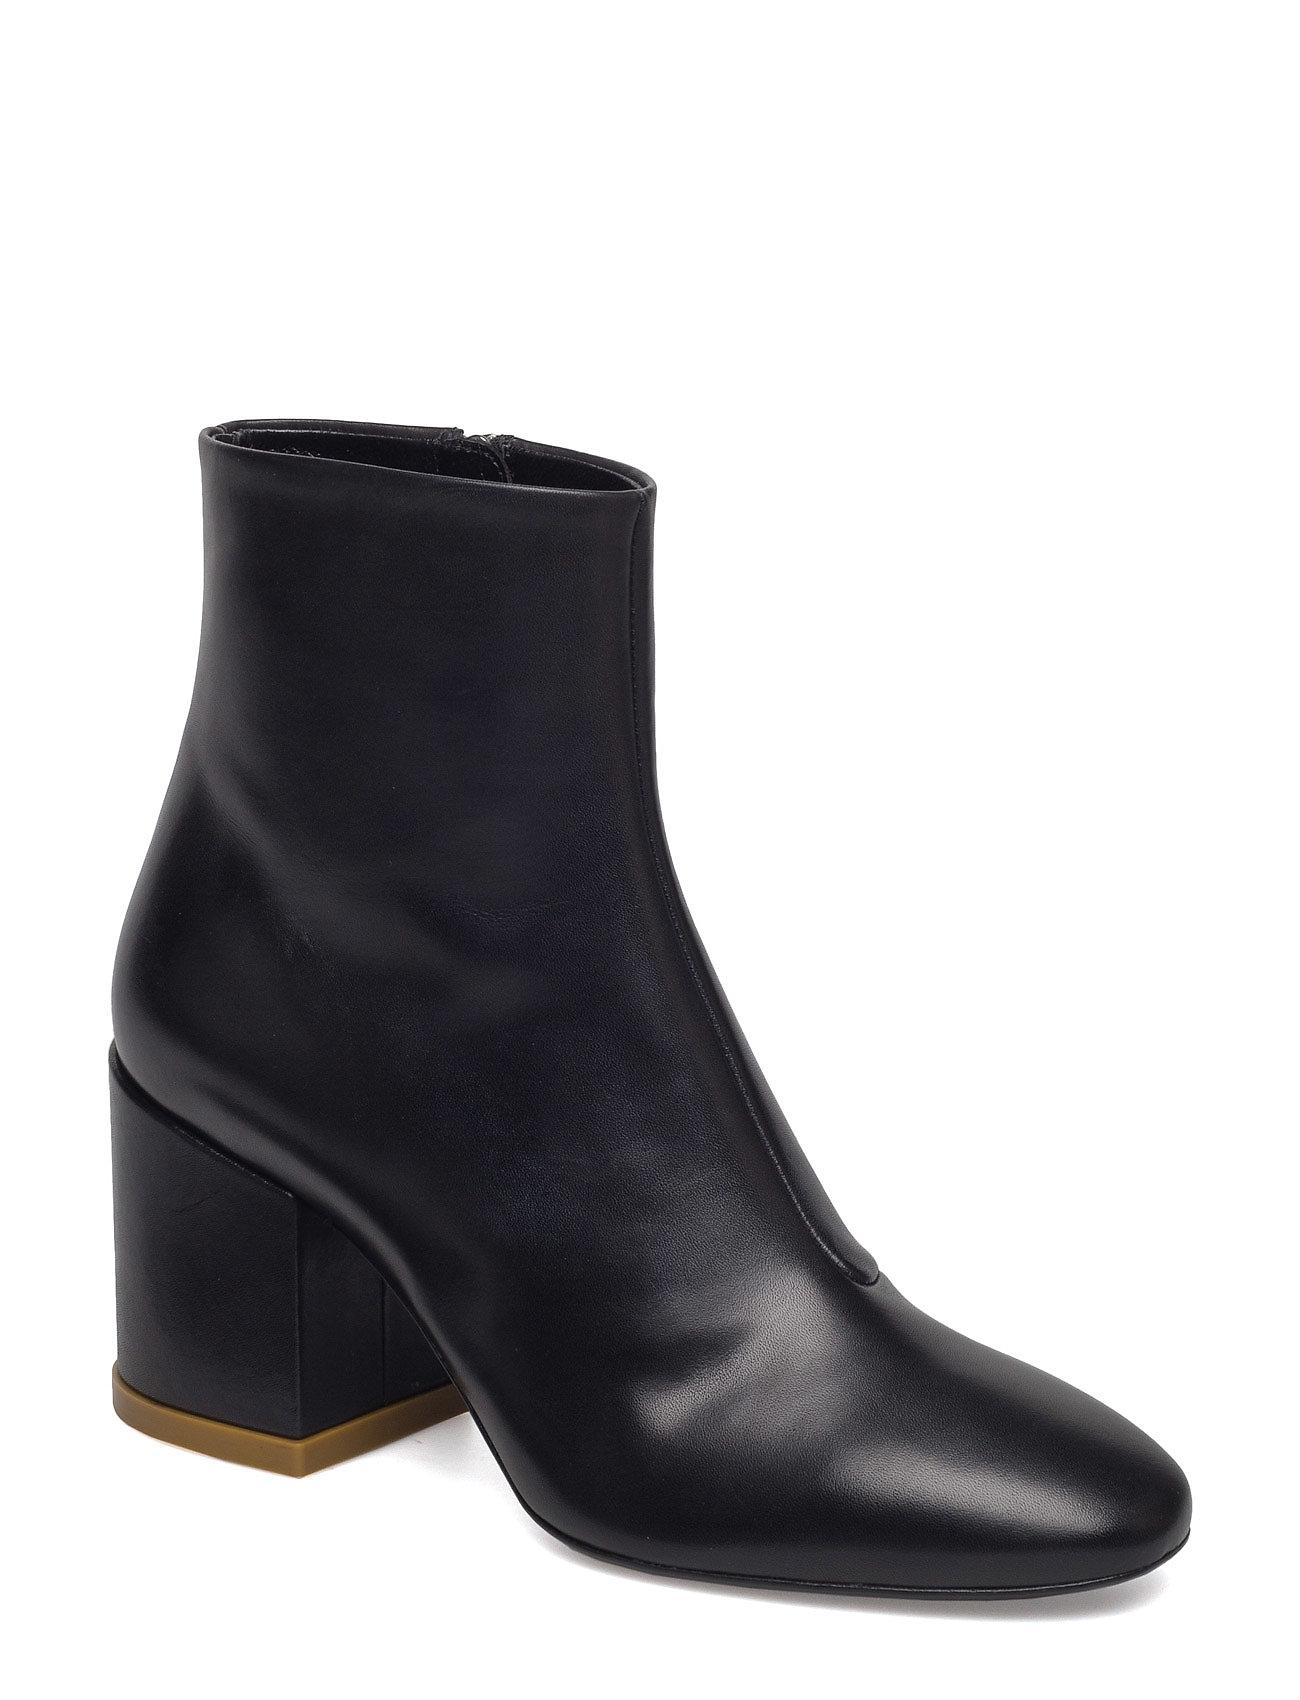 Boots Main Kenzo Støvler til Damer i Sort